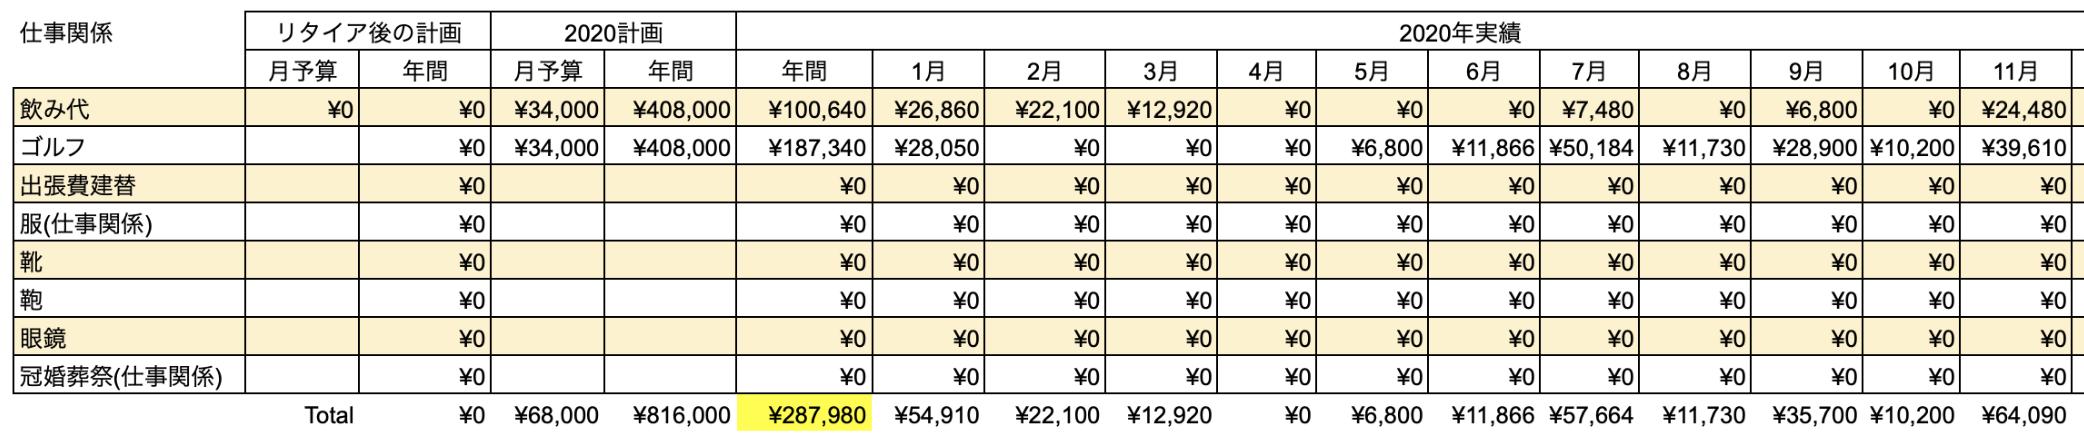 支出実績2020_11月_仕事関係費